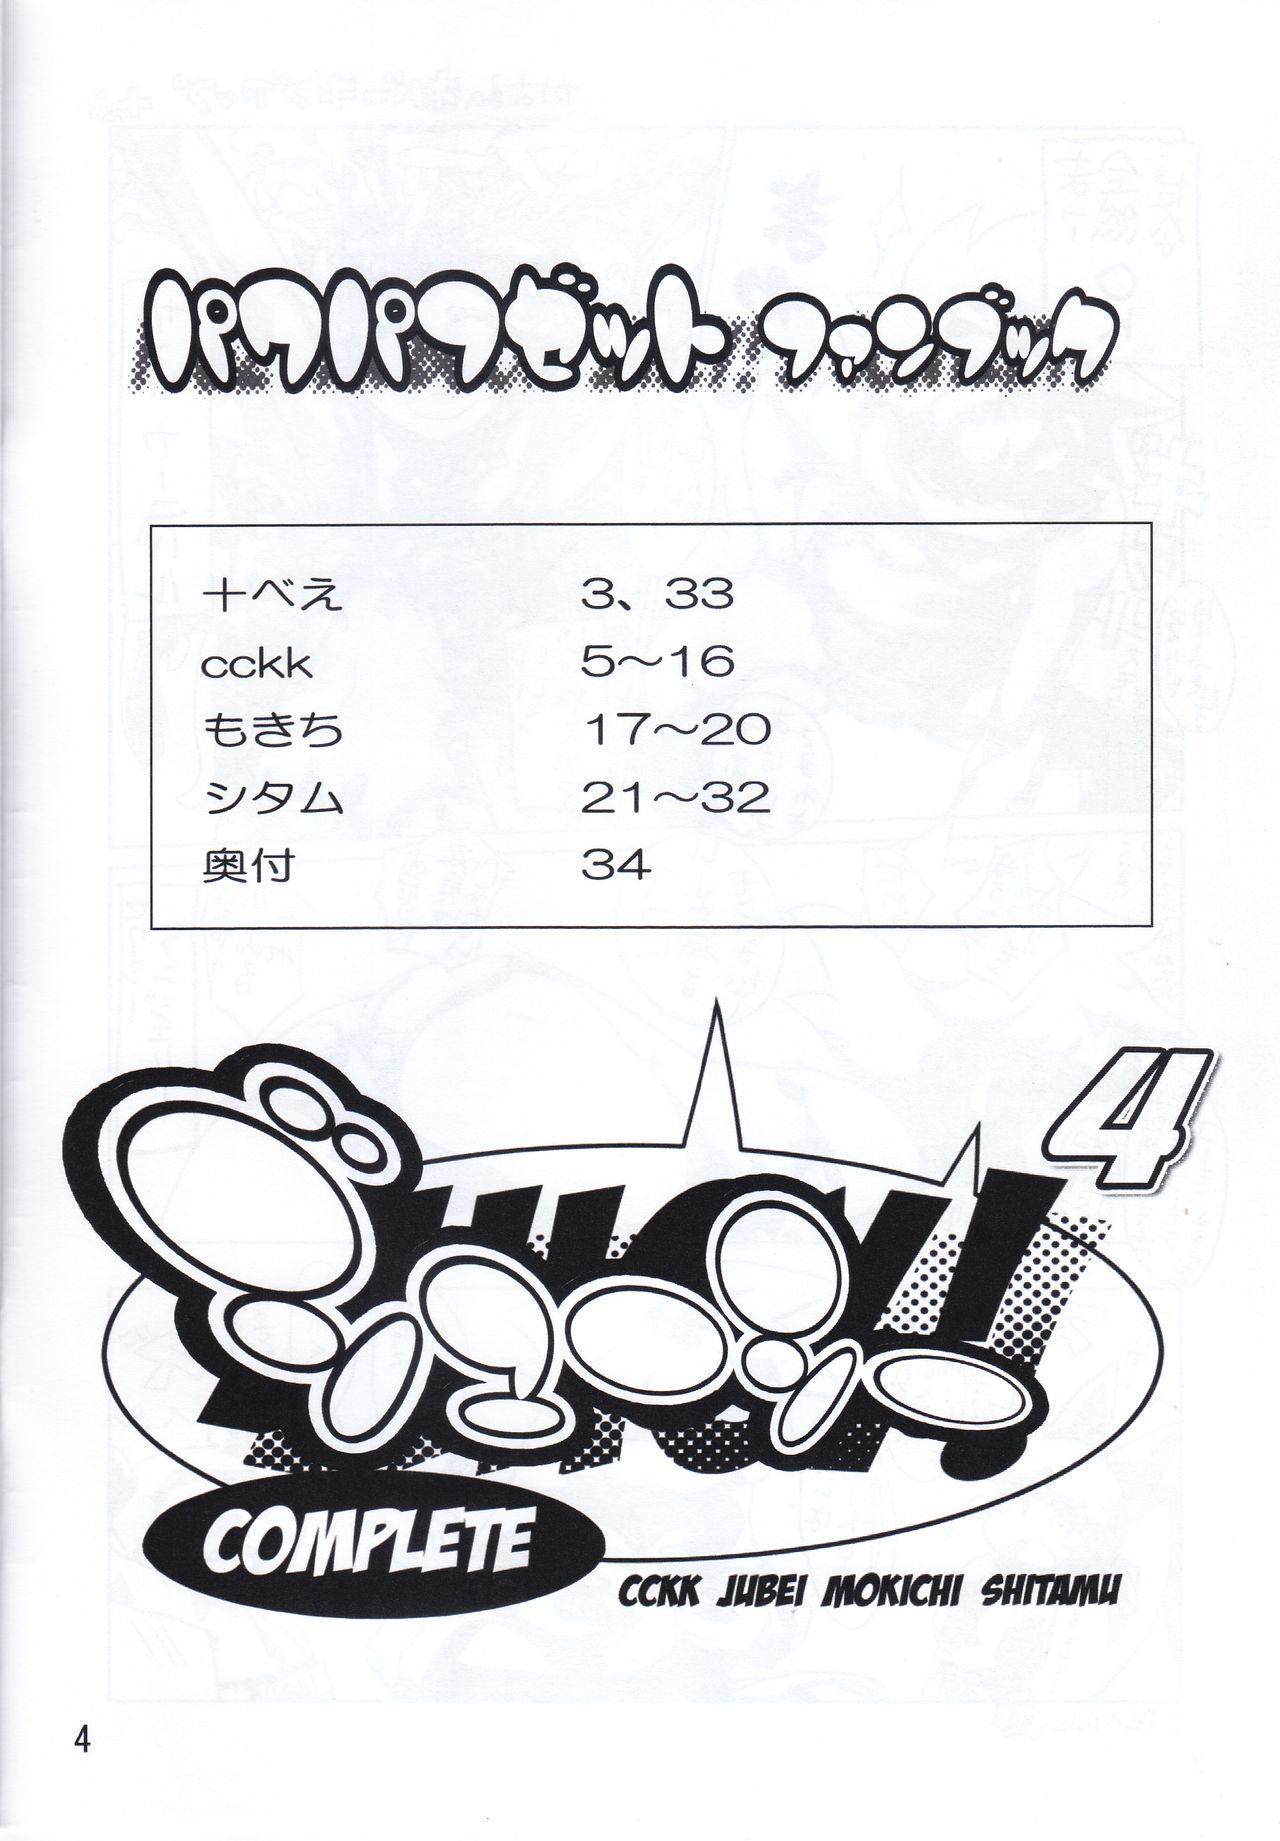 JUICY COMPLETE 4 2